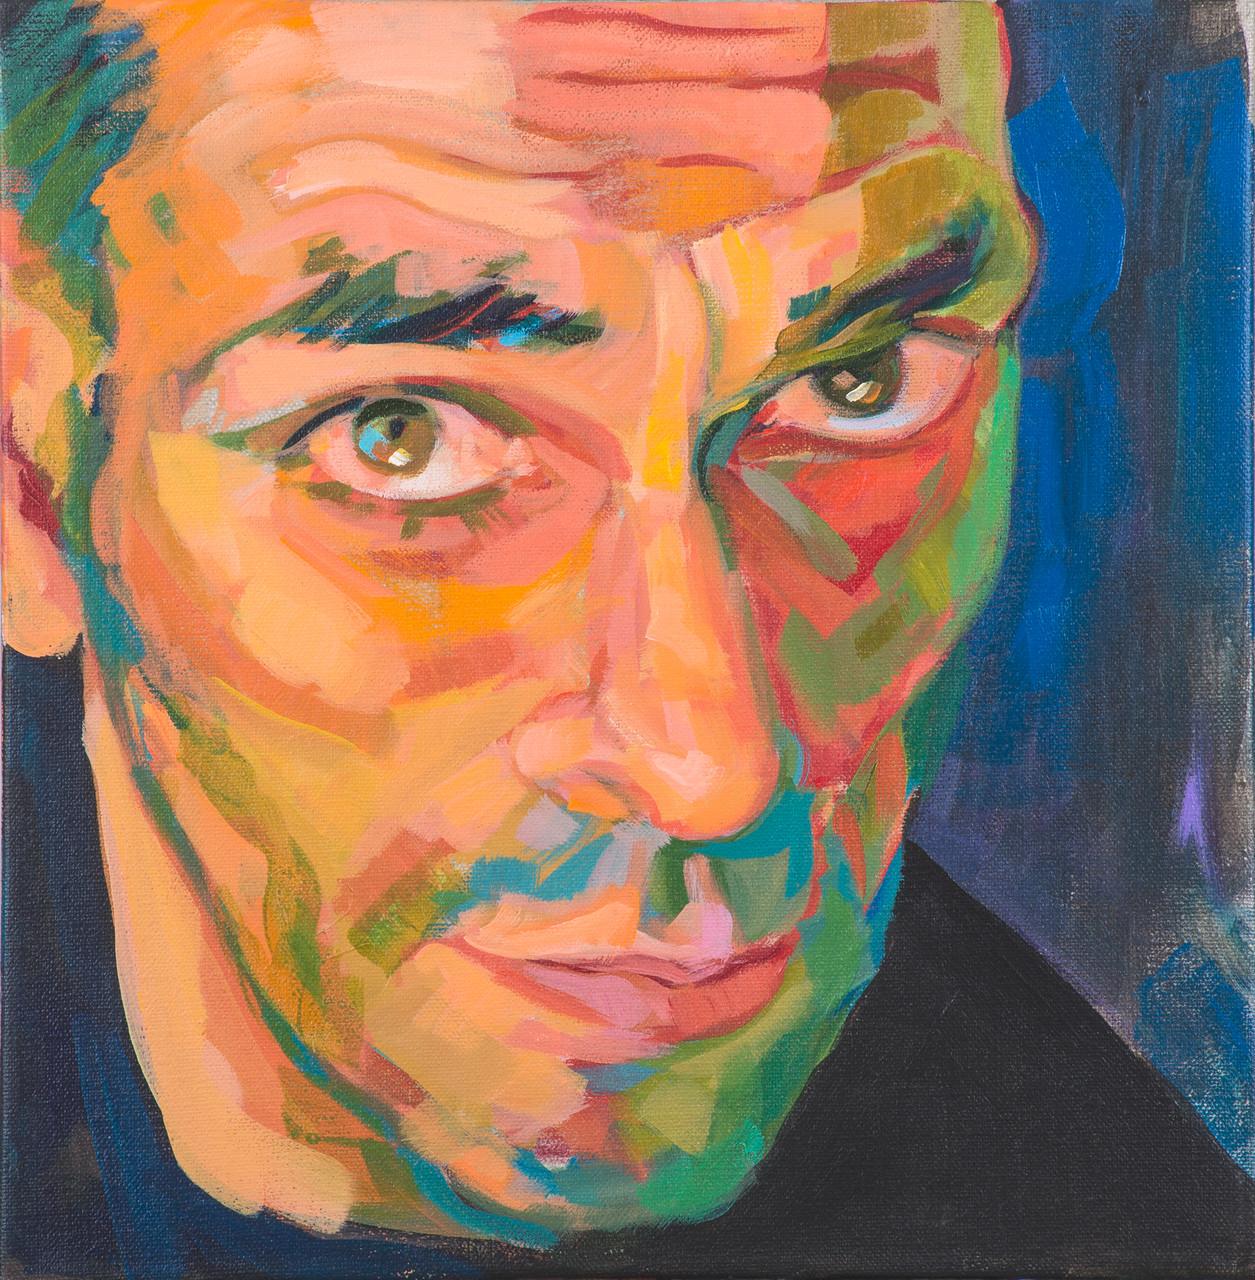 El Maestro. Acrylic on canvas. 30 x 30 cm.